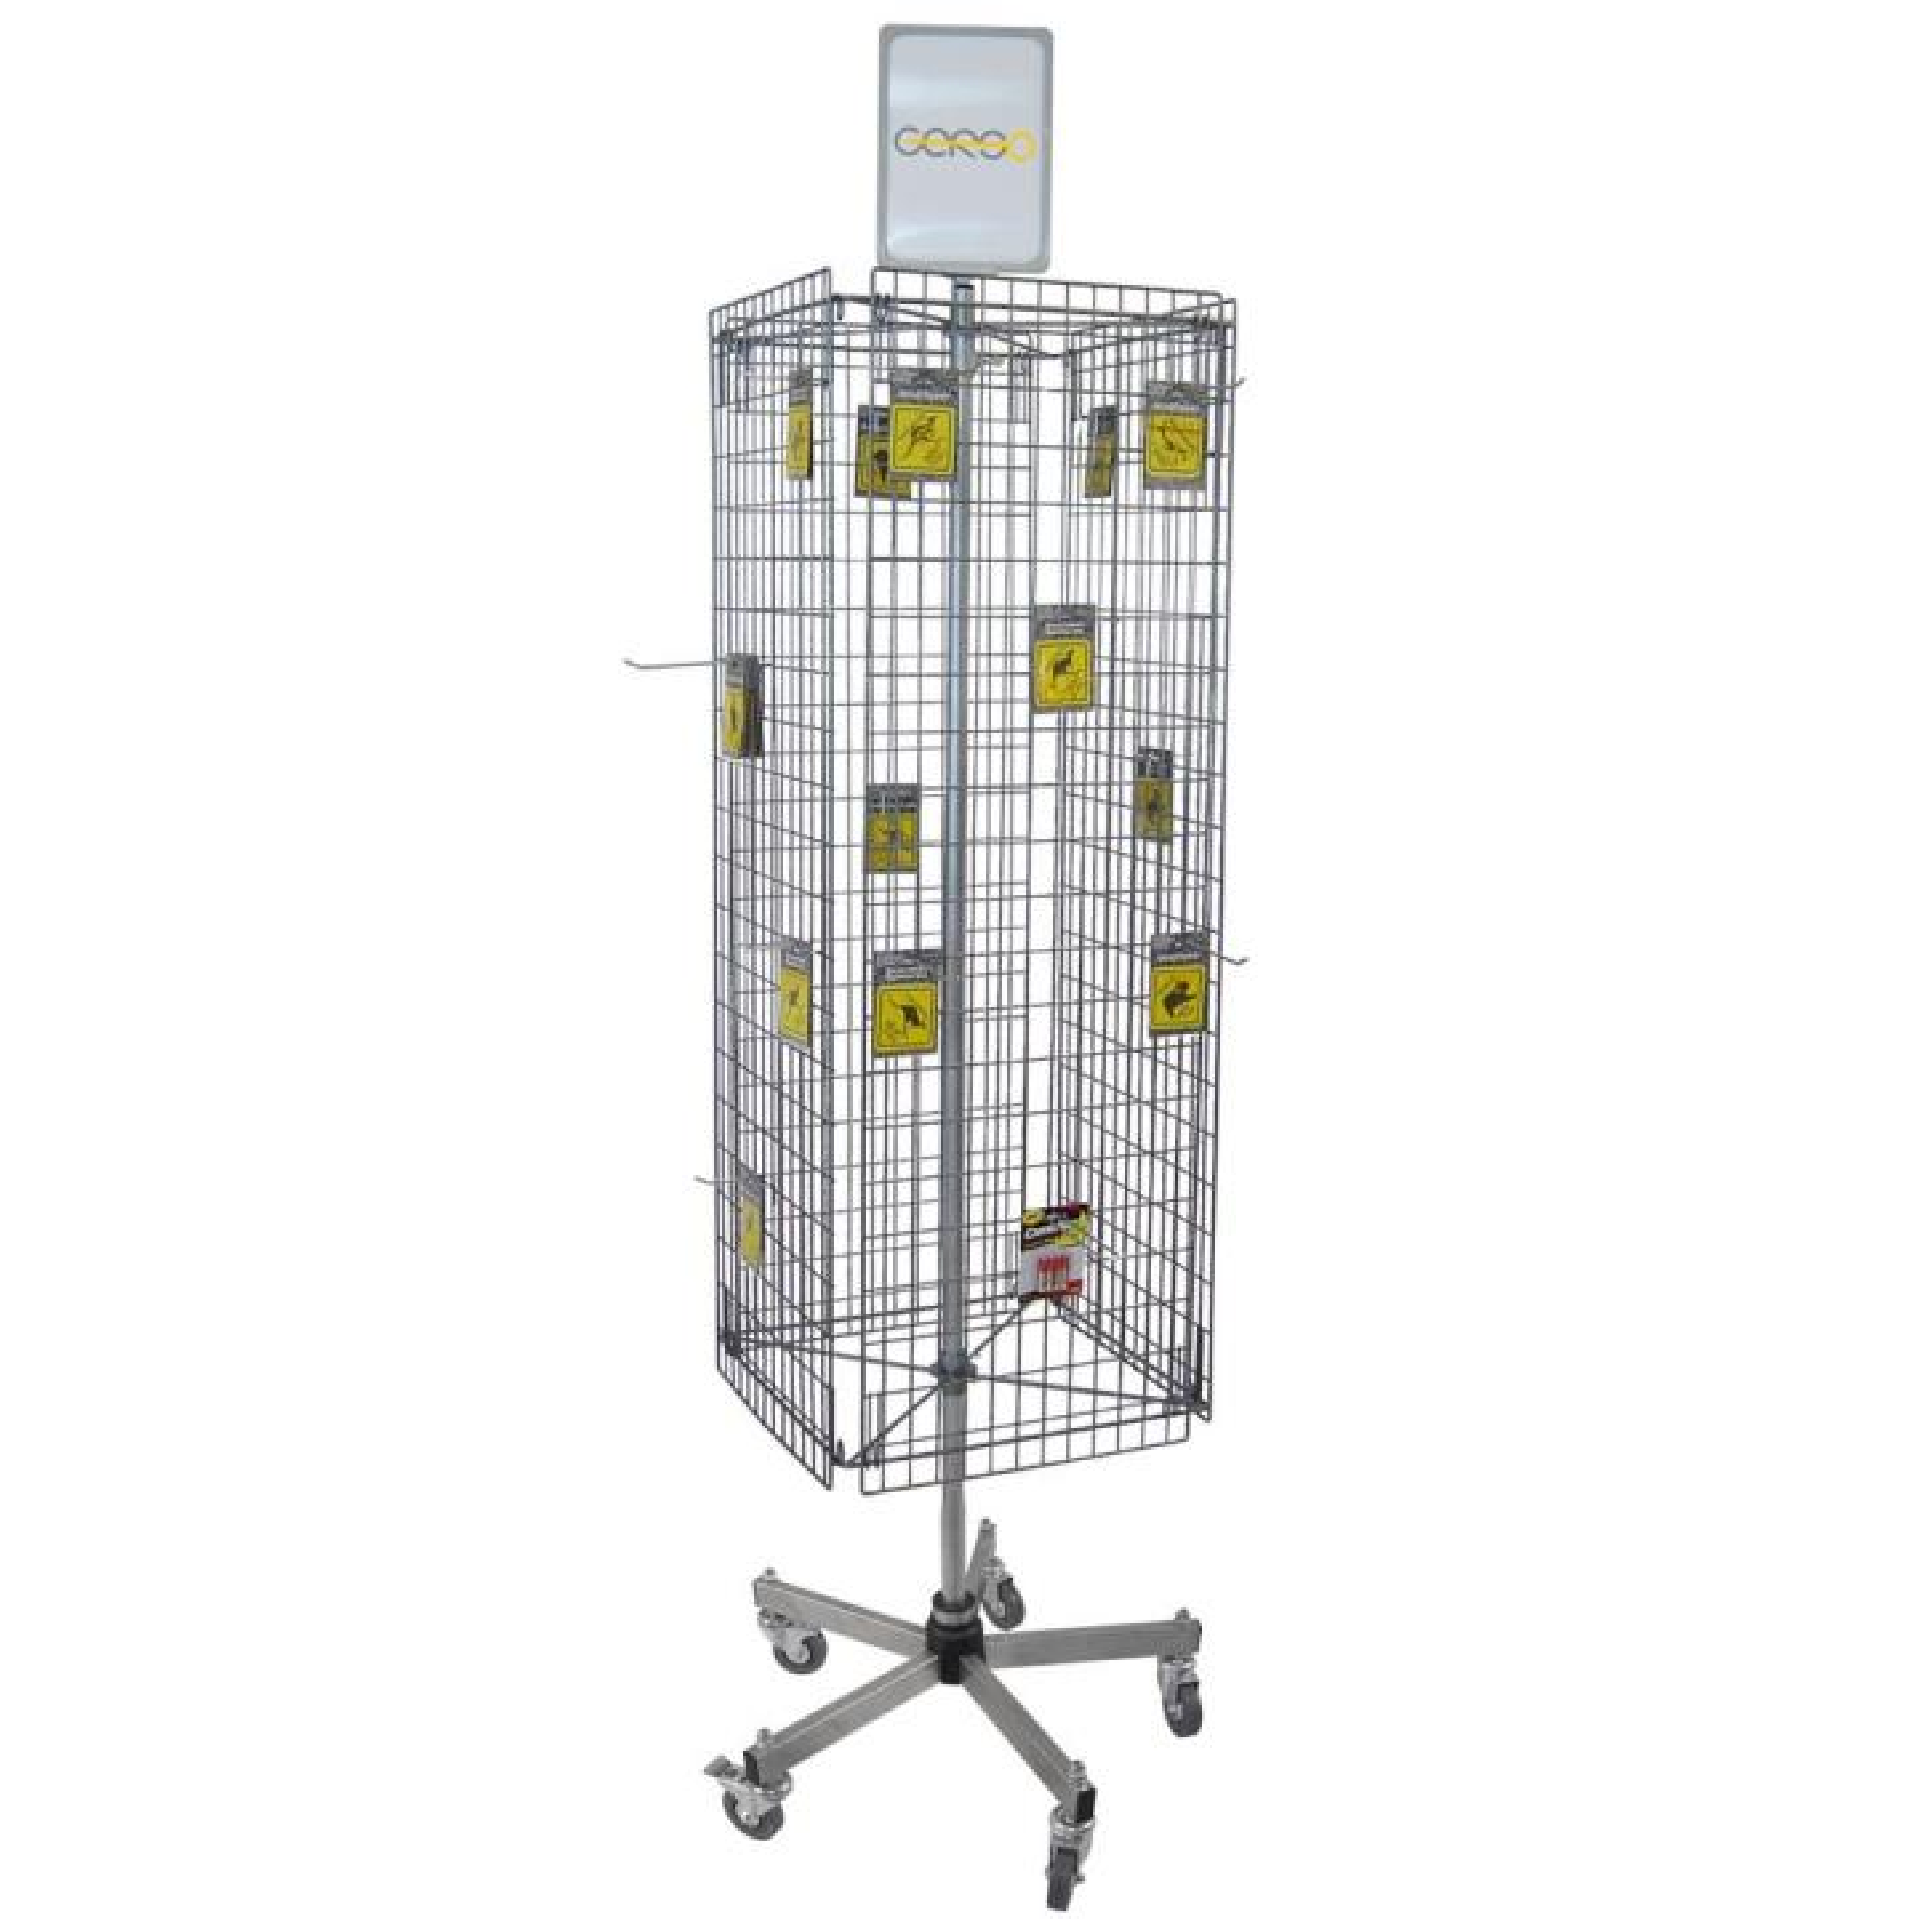 Kombi-Ständer mit 4 Gittern, Fuß standard